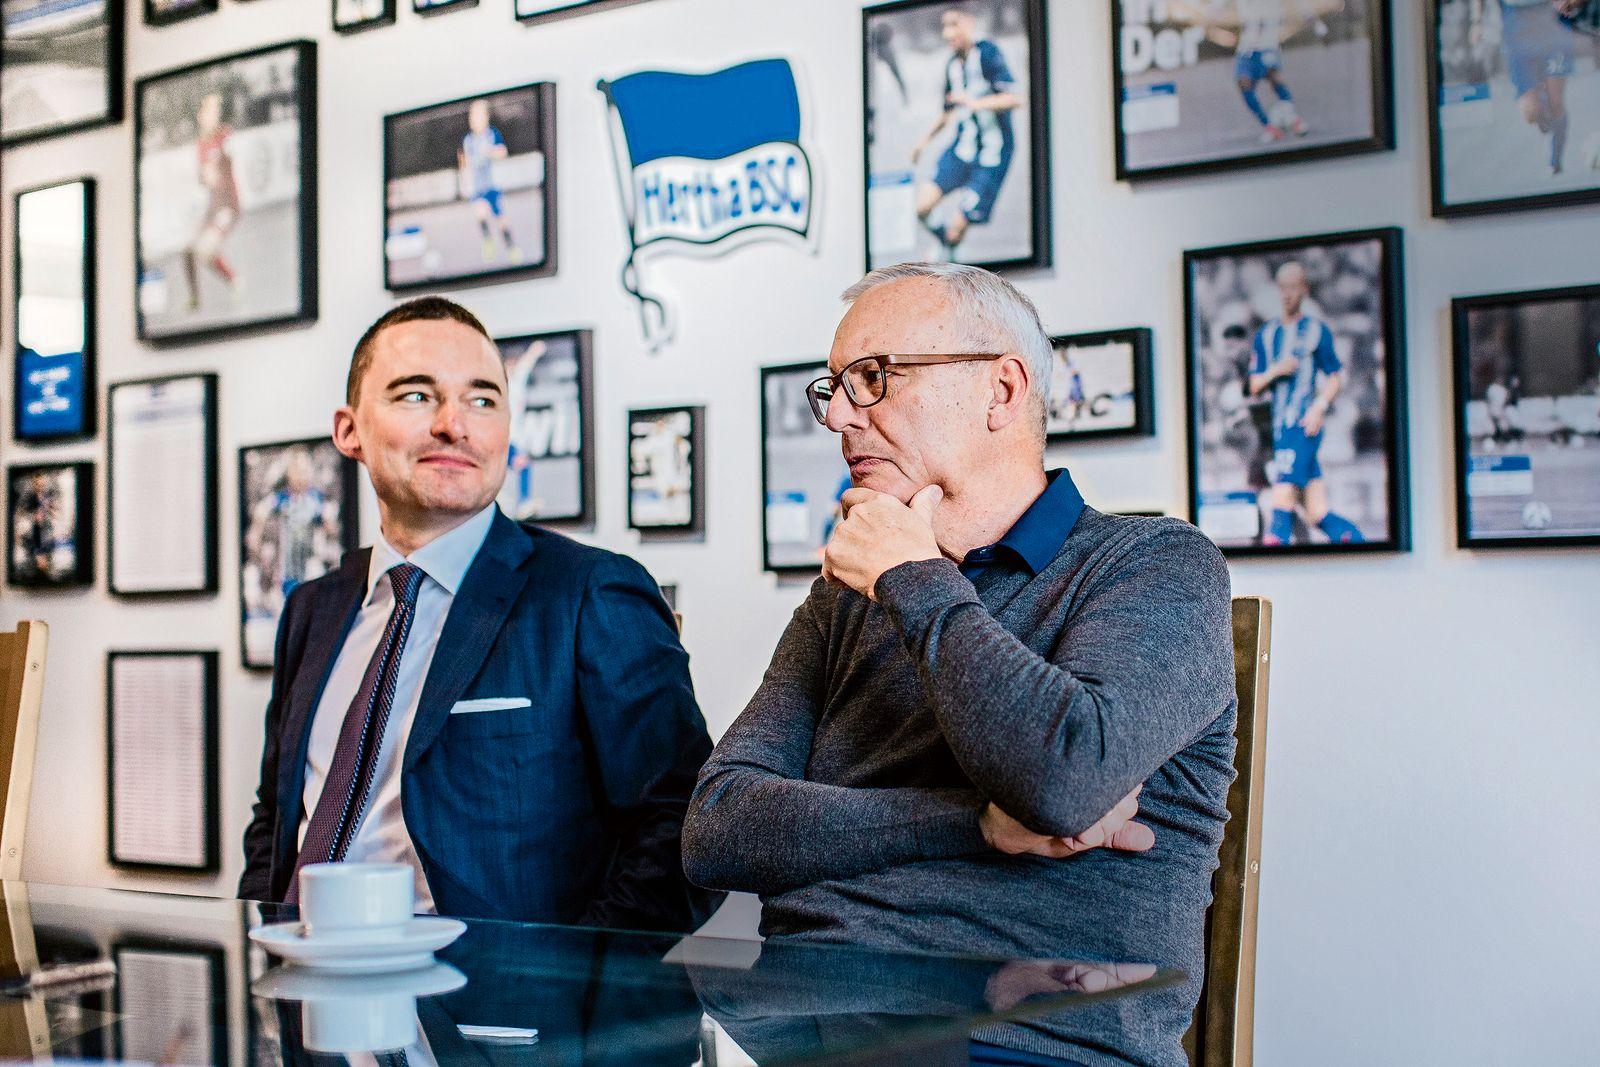 Hertha BSC Praesident Werner Gegenbauer und Unternehmer Lars Windhorst